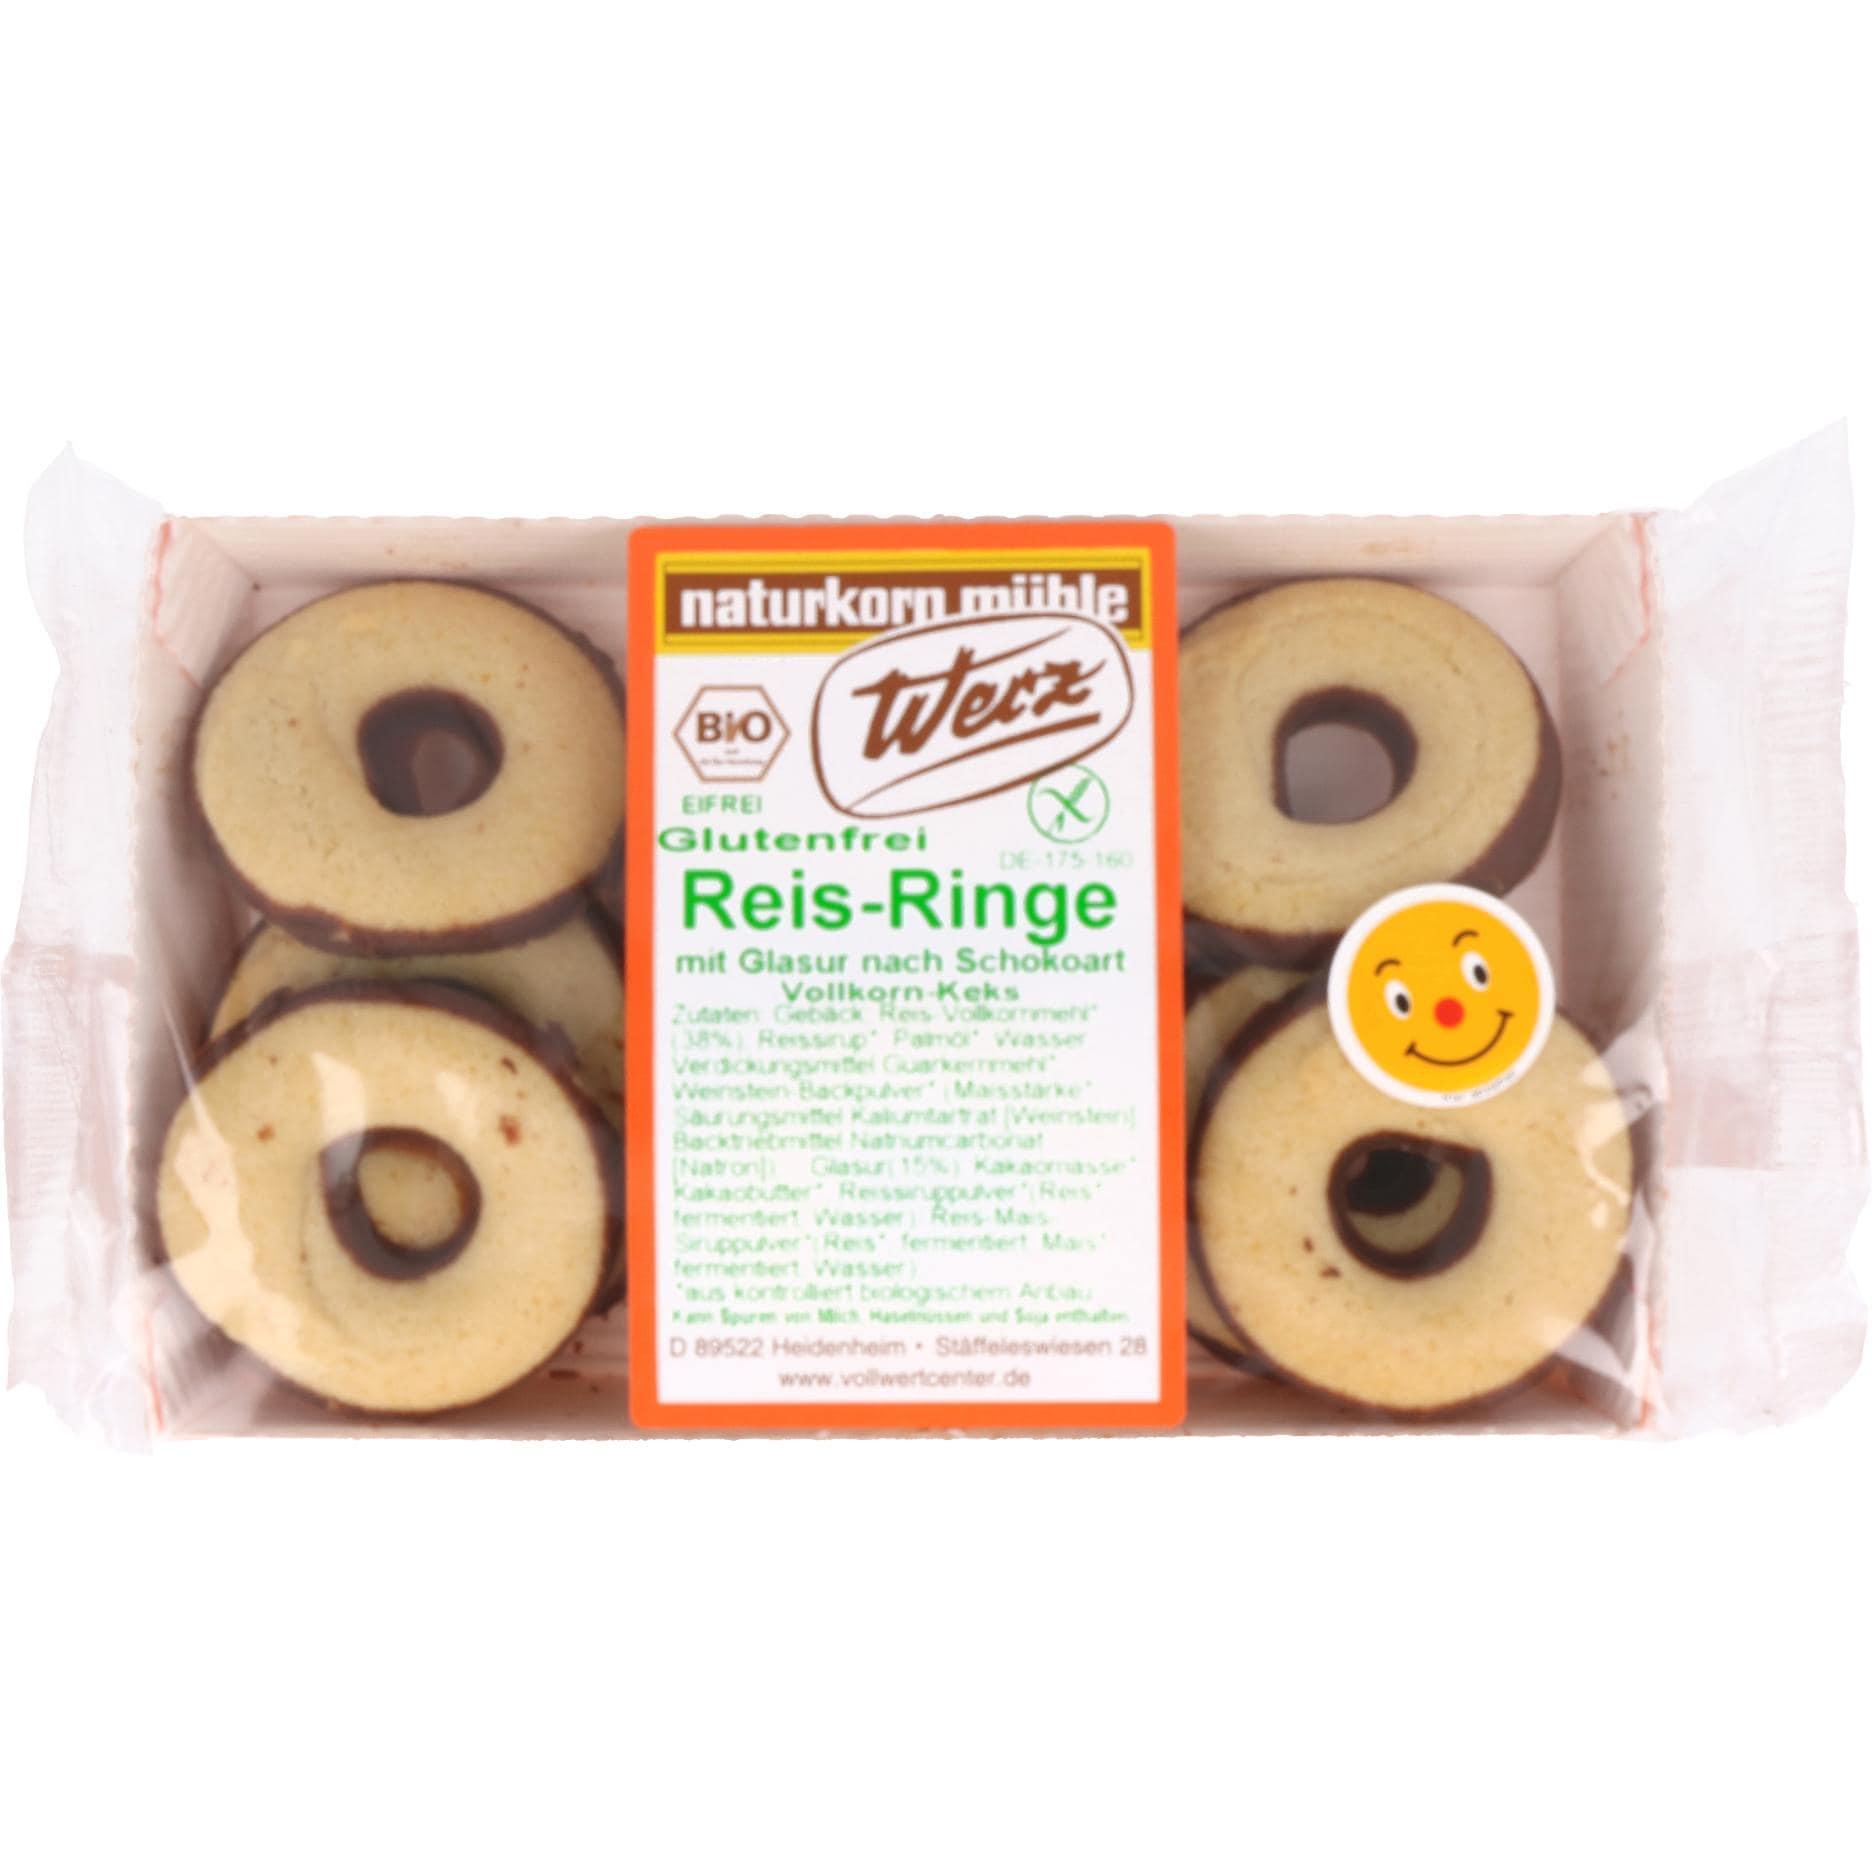 Werz Bio Reis Ringe mit Glasur nach Schokoart 125g